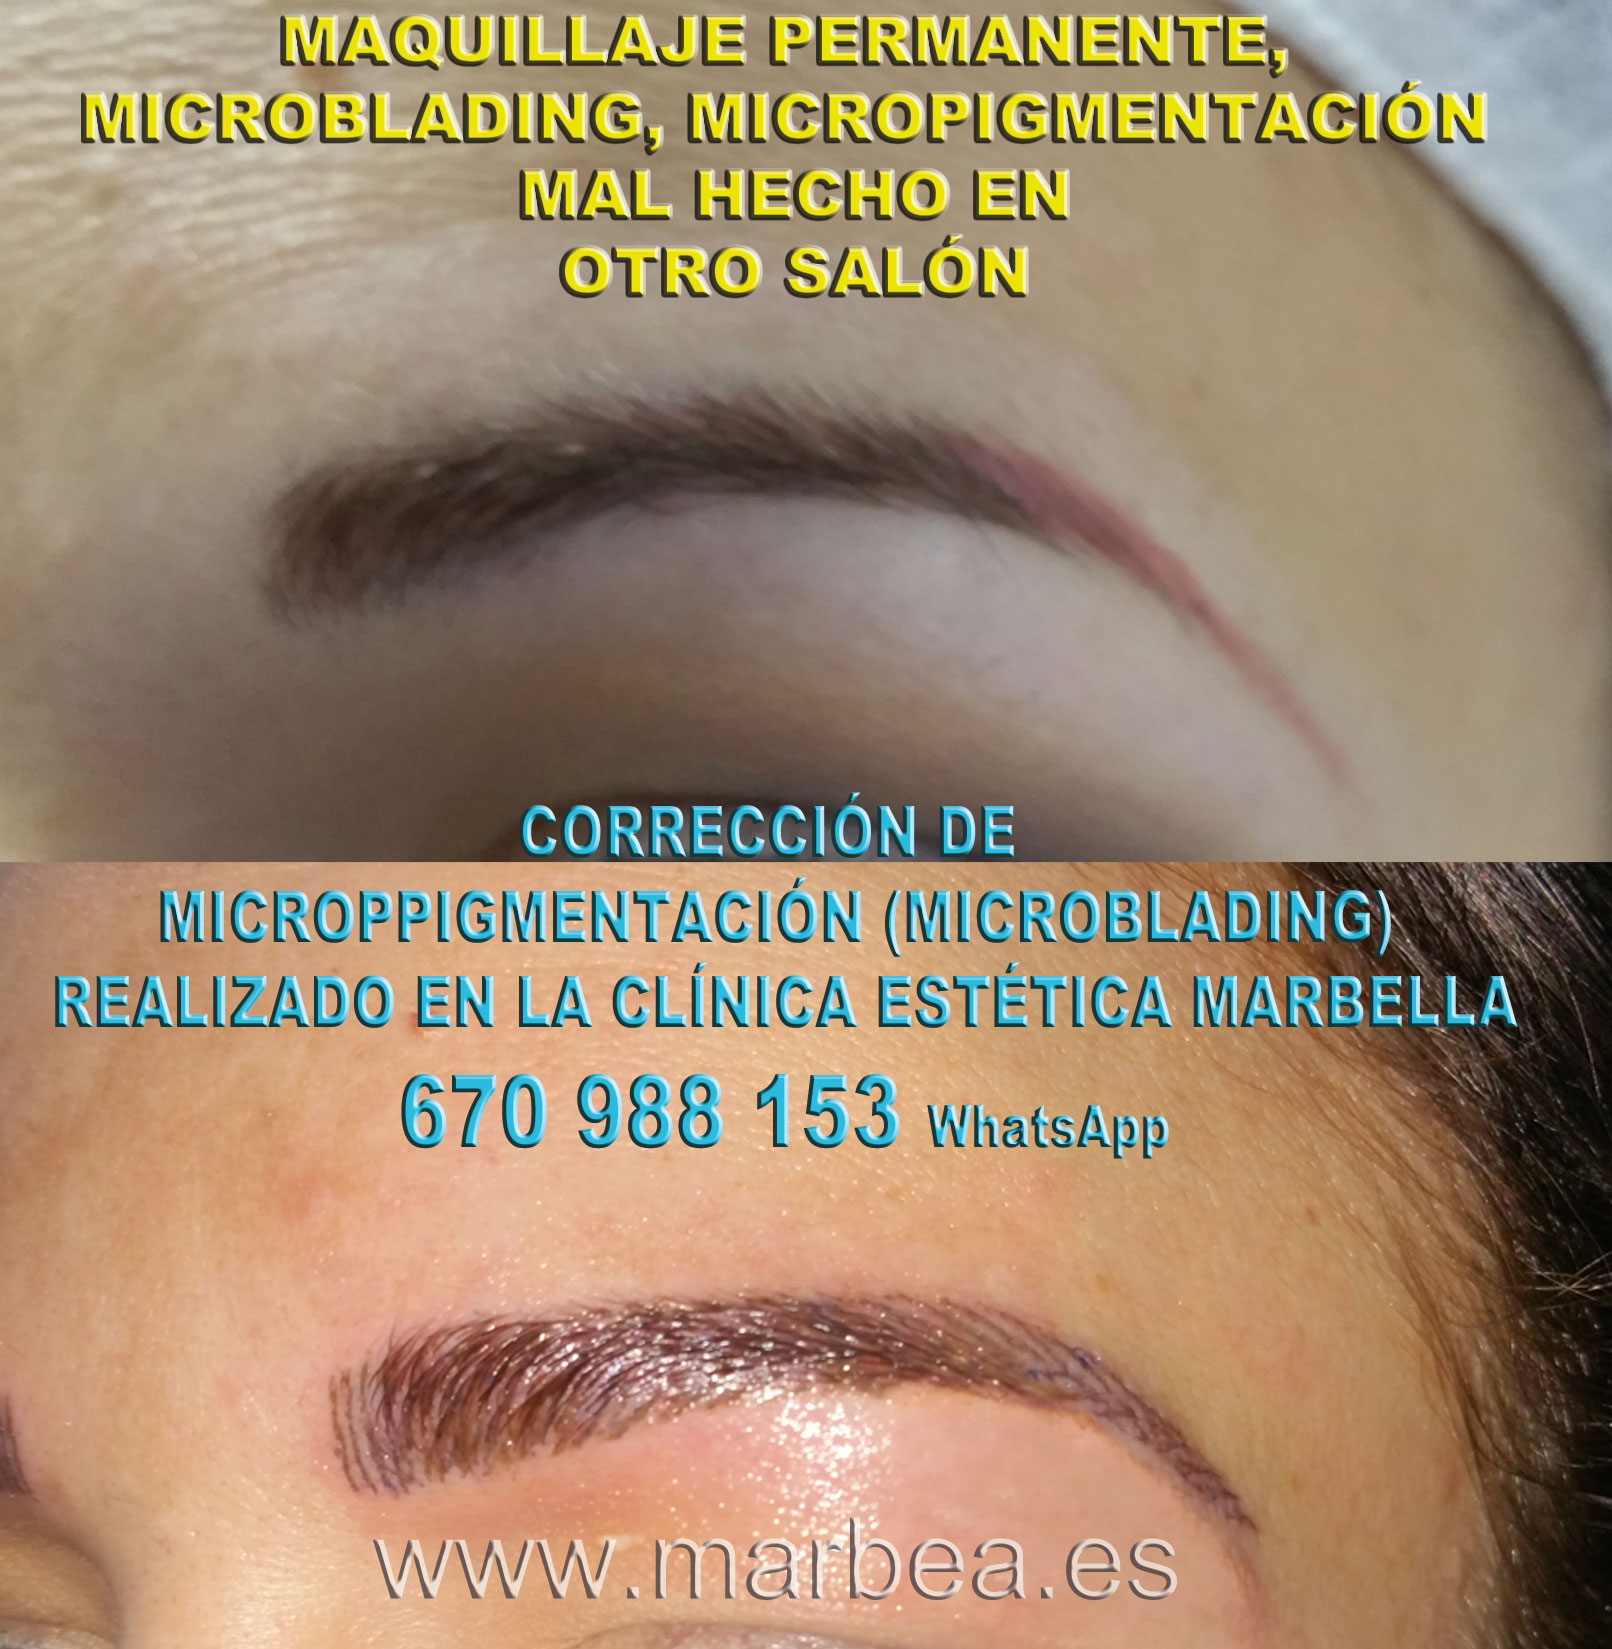 MAQUILLAJE PERMANENTE CEJAS MAL HECHO clínica estética delineados entrega micropigmentacion correctiva de cejas,corregir micropigmentación mal hecha